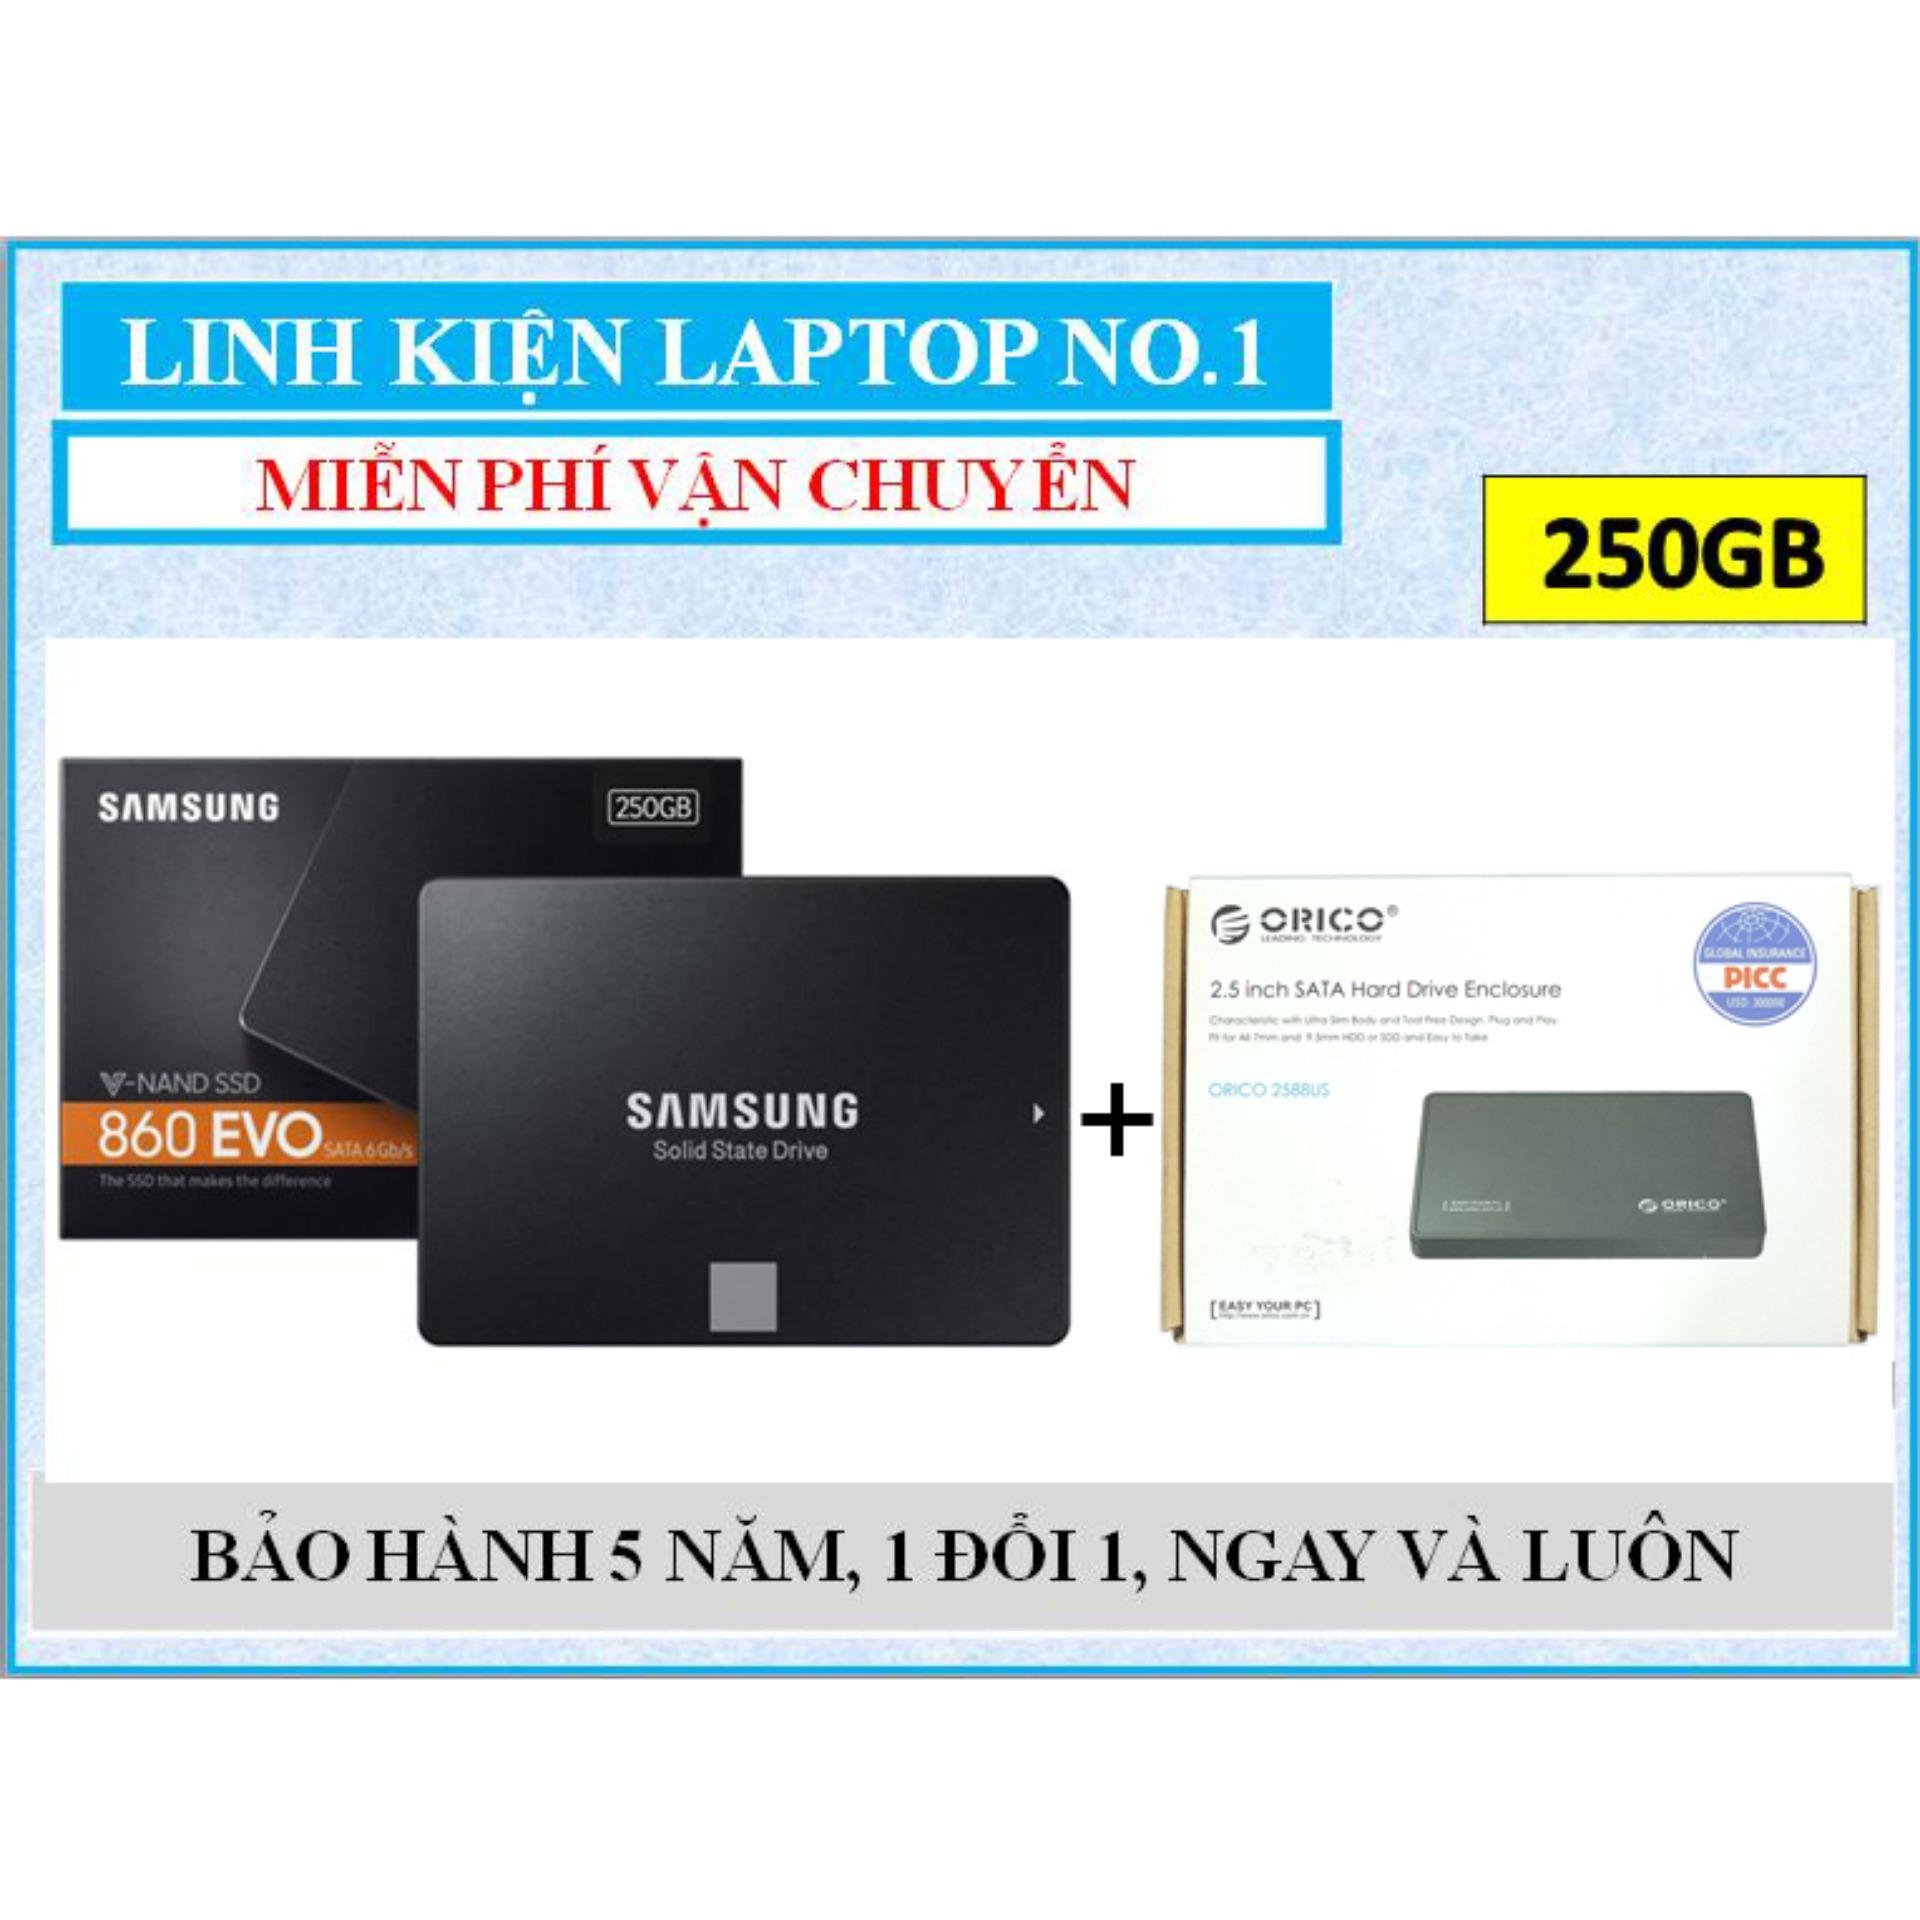 Hình ảnh Ổ cứng SSD Samsung 860 EVO 250GB SATA III + Tặng kèm Hộp đựng (box) ổ cứng Orico 2.5